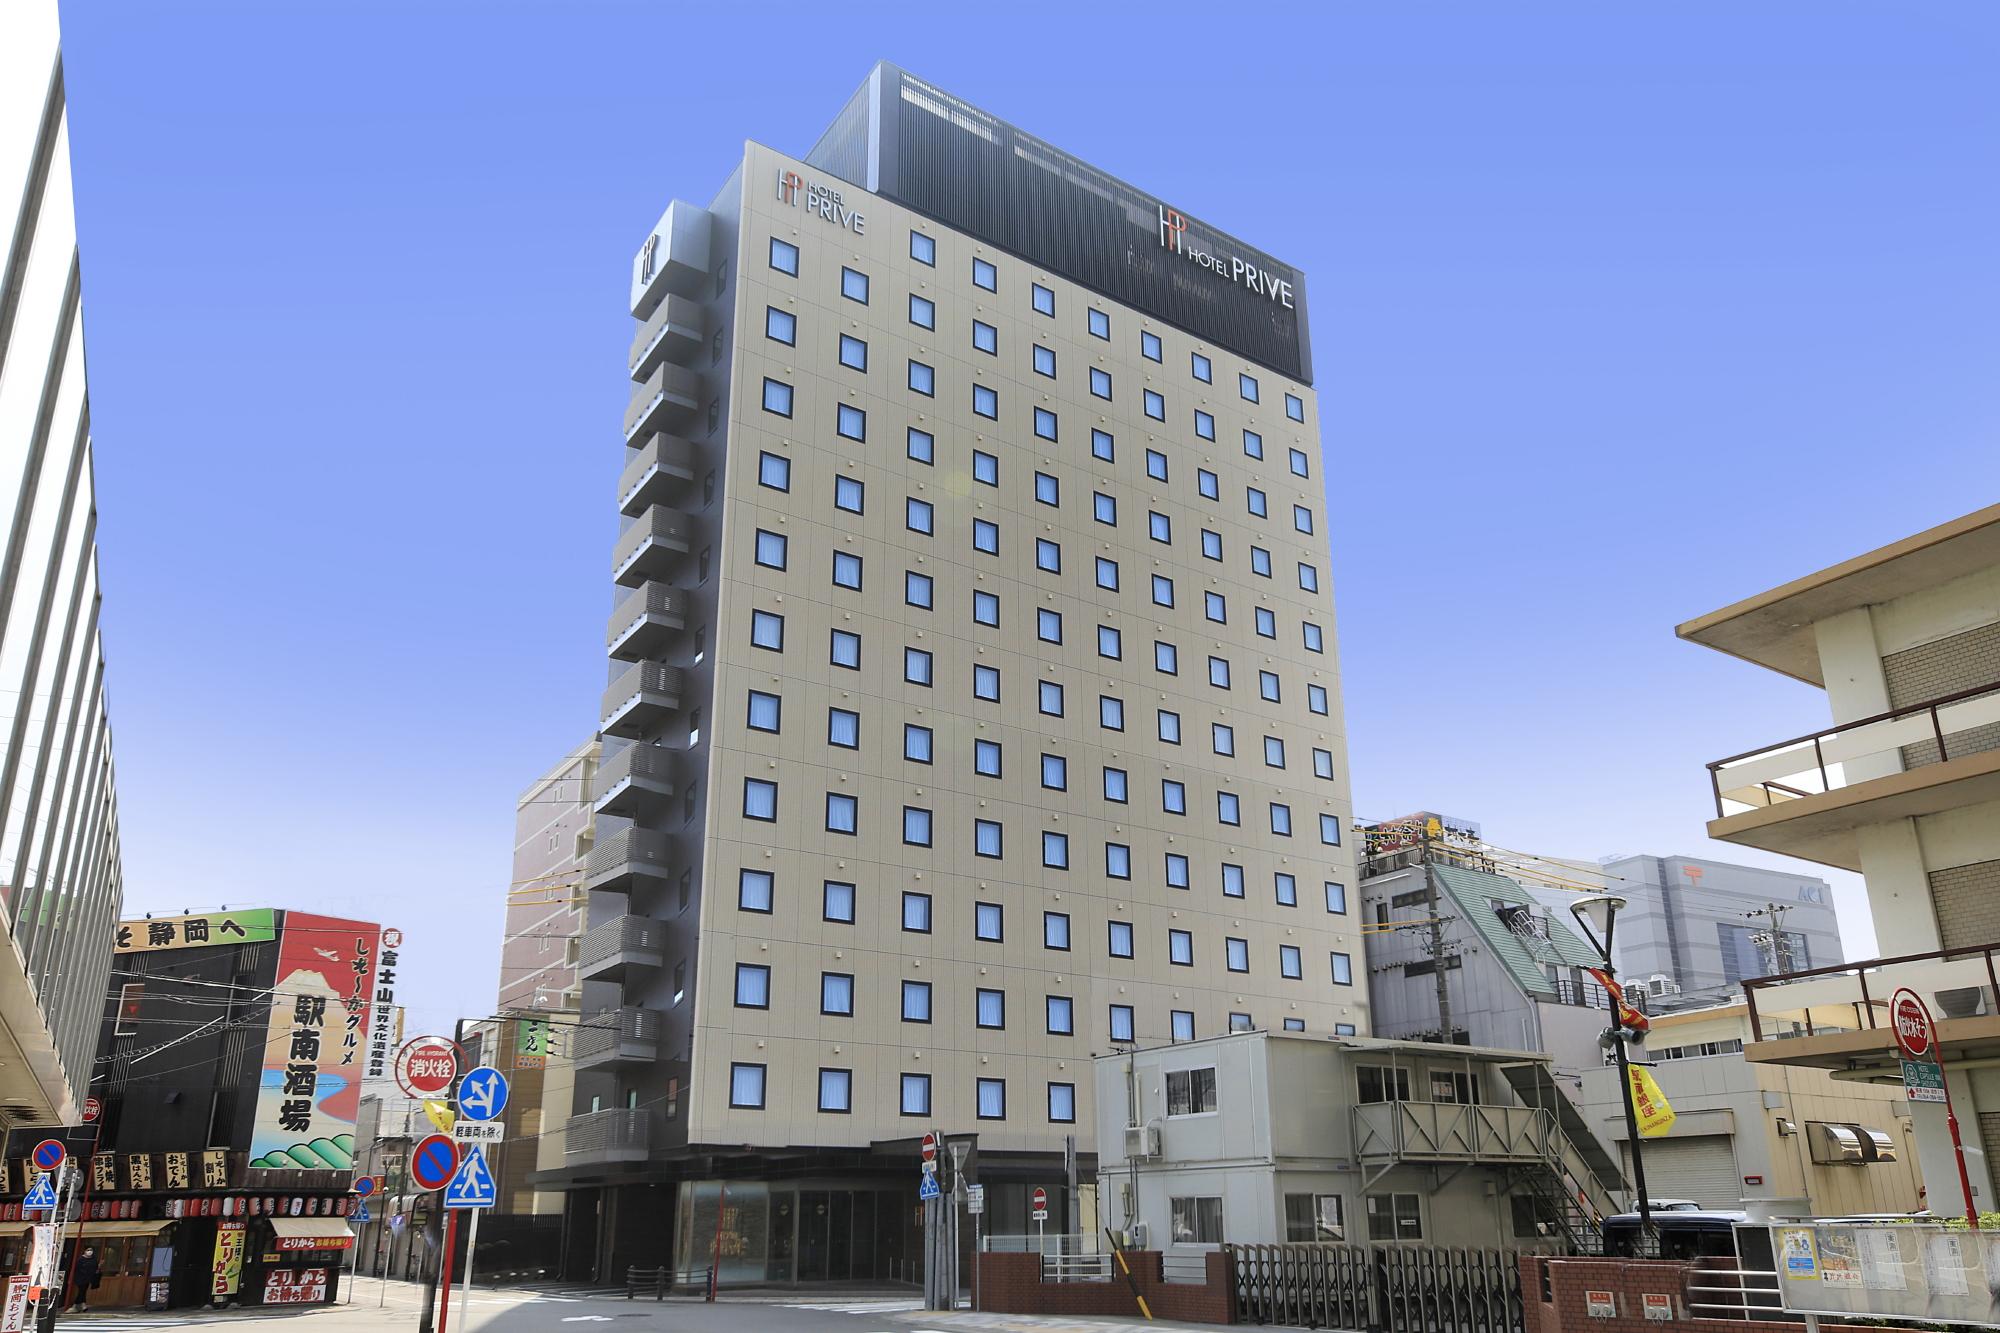 ホテルプリヴェ静岡(2020年9月グランドオープン) image